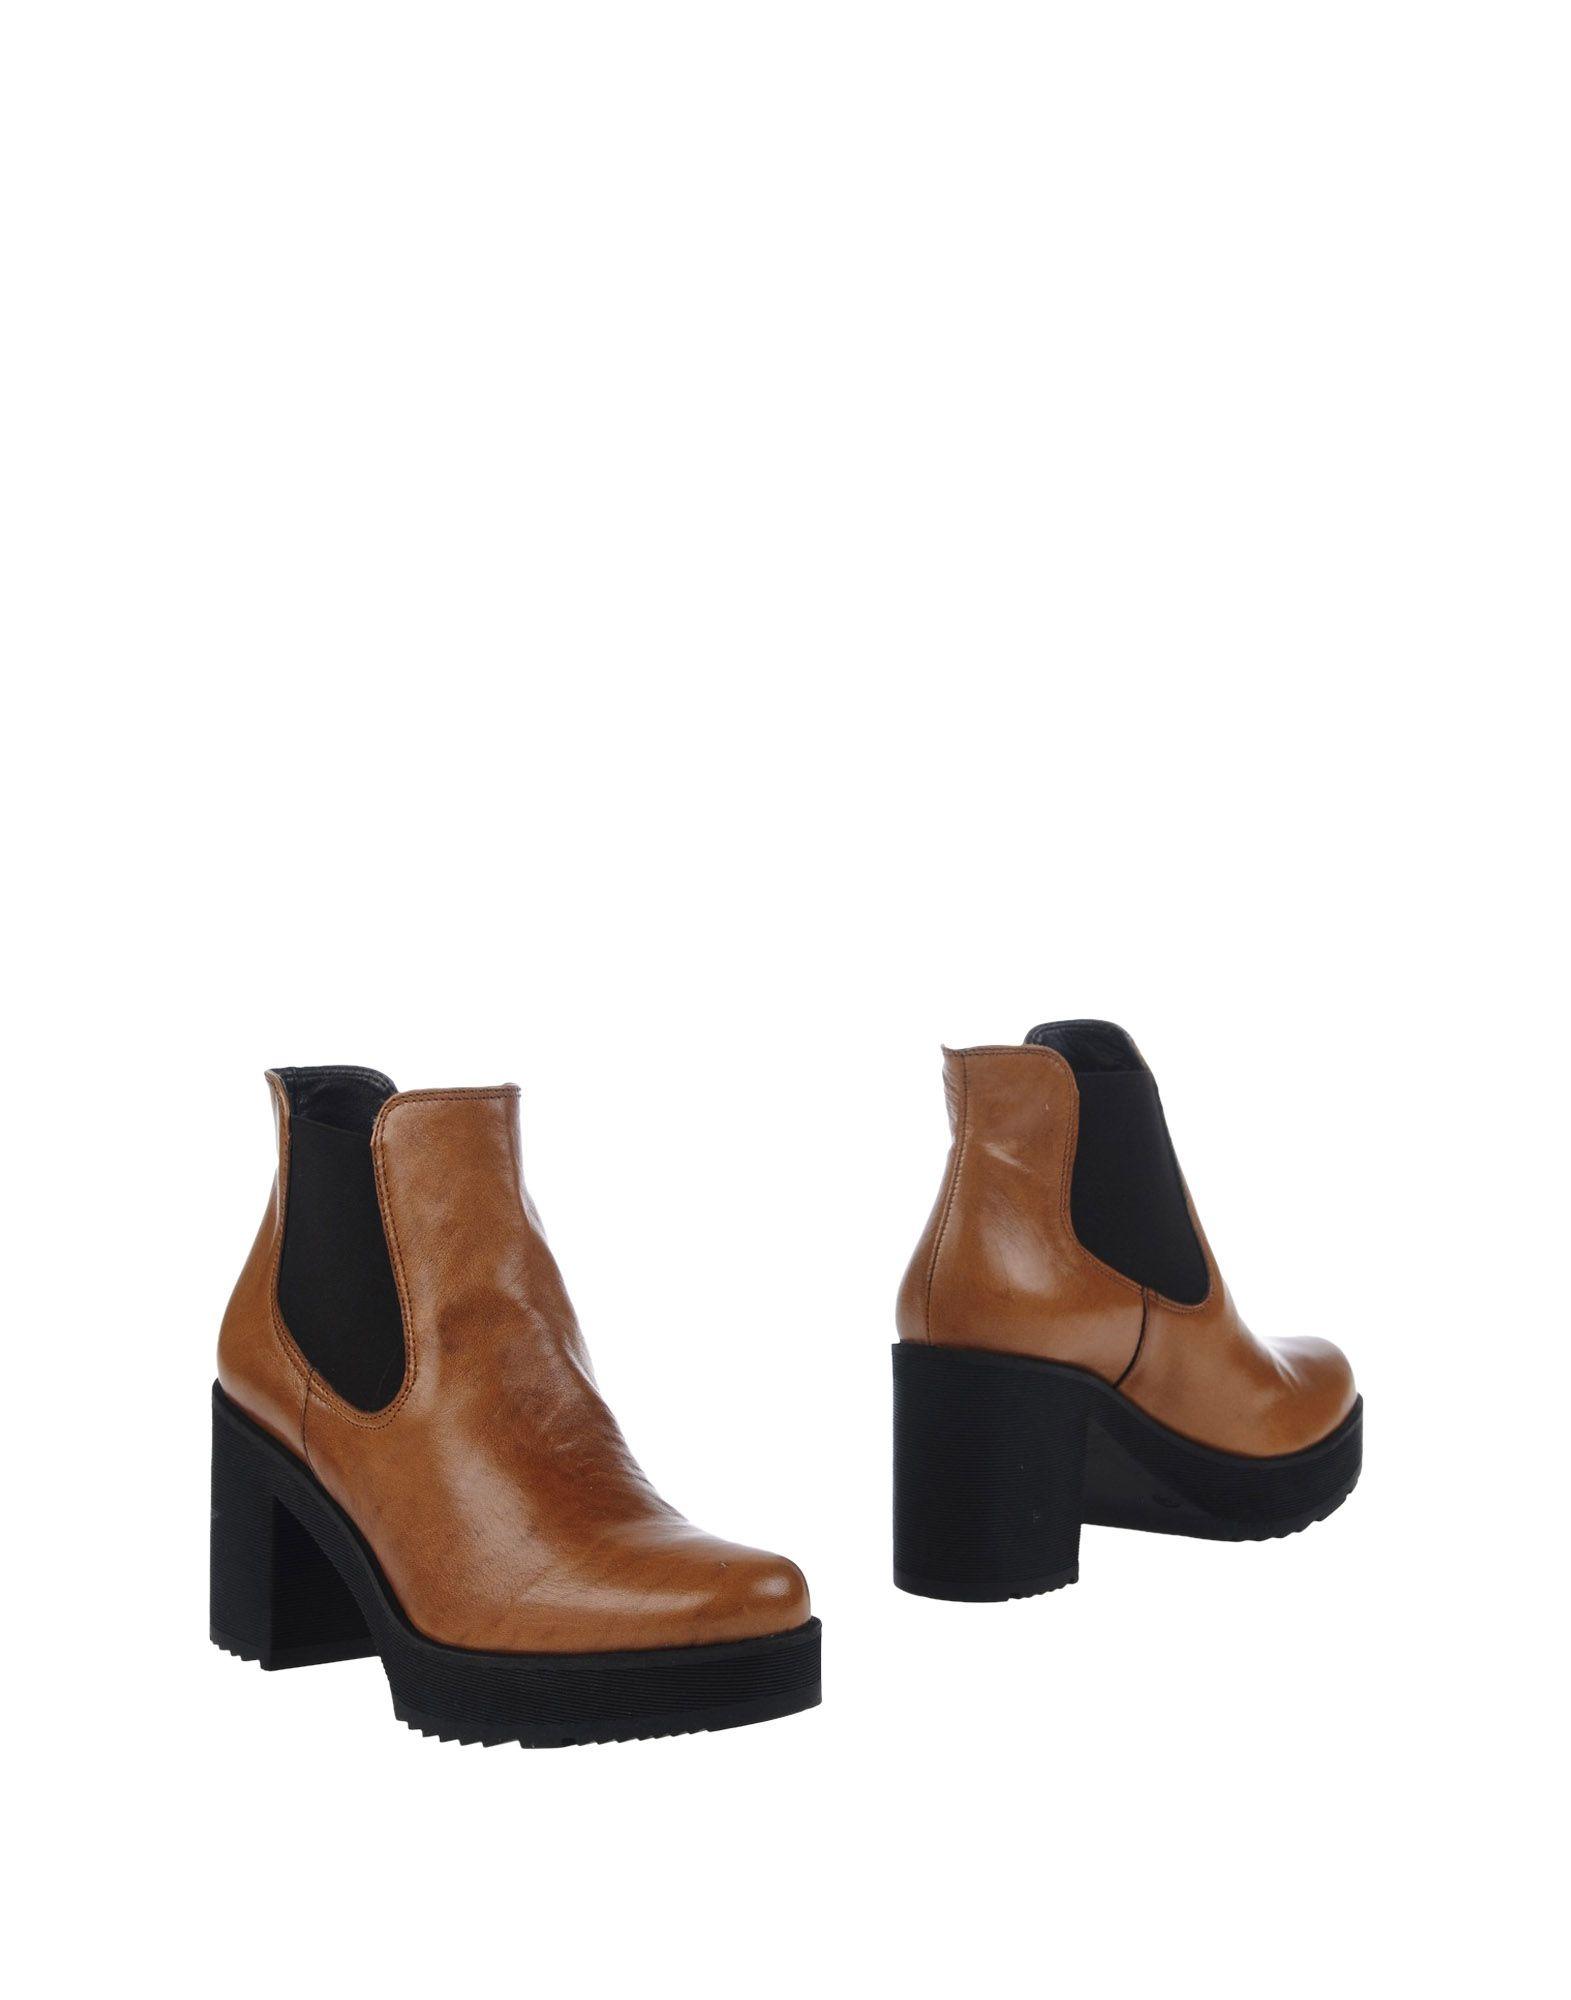 FORMENTINI Полусапоги и высокие ботинки ботинки formentini ботинки